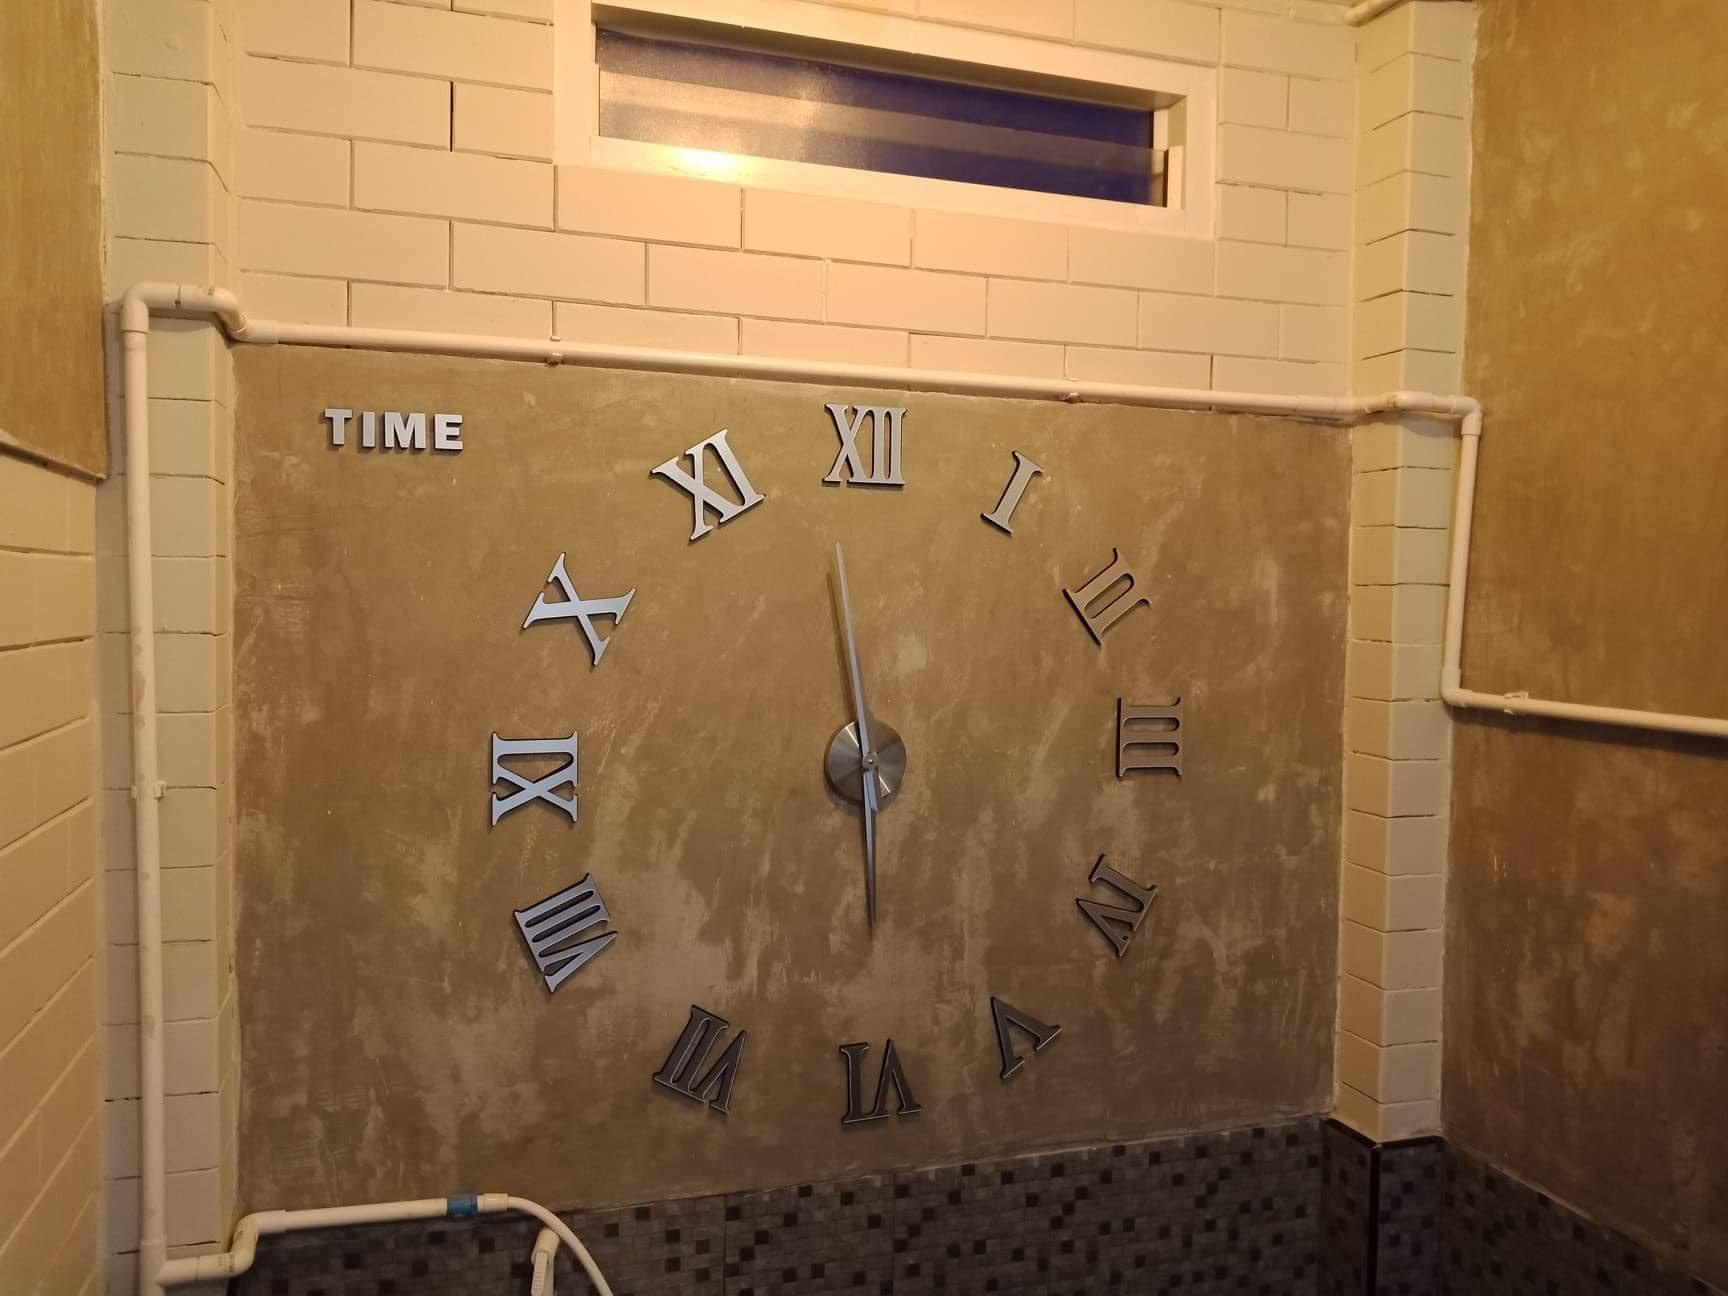 ห้องน้ำสไตล์โมเดิร์น อิฐประสาน+ผนังปูนเปลือย สวยงาม มีนาฬิกาเลขโรมันประดับตกแต่งผนังเก๋ ๆ